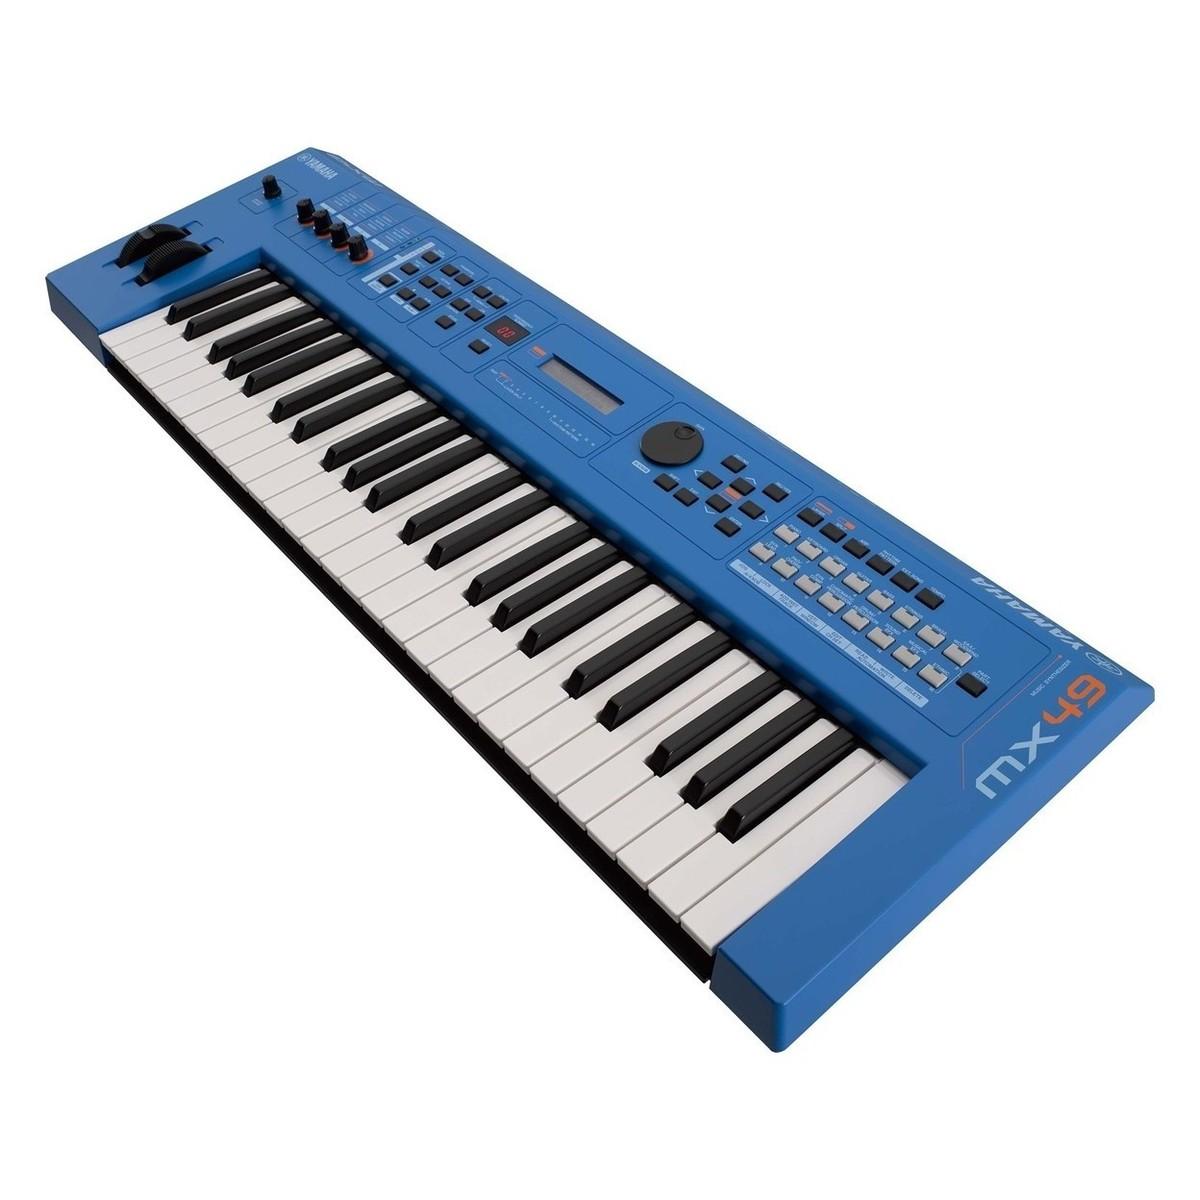 Yamaha MX49 II mit Ständer und Kopfhörer, blau bei Gear4music